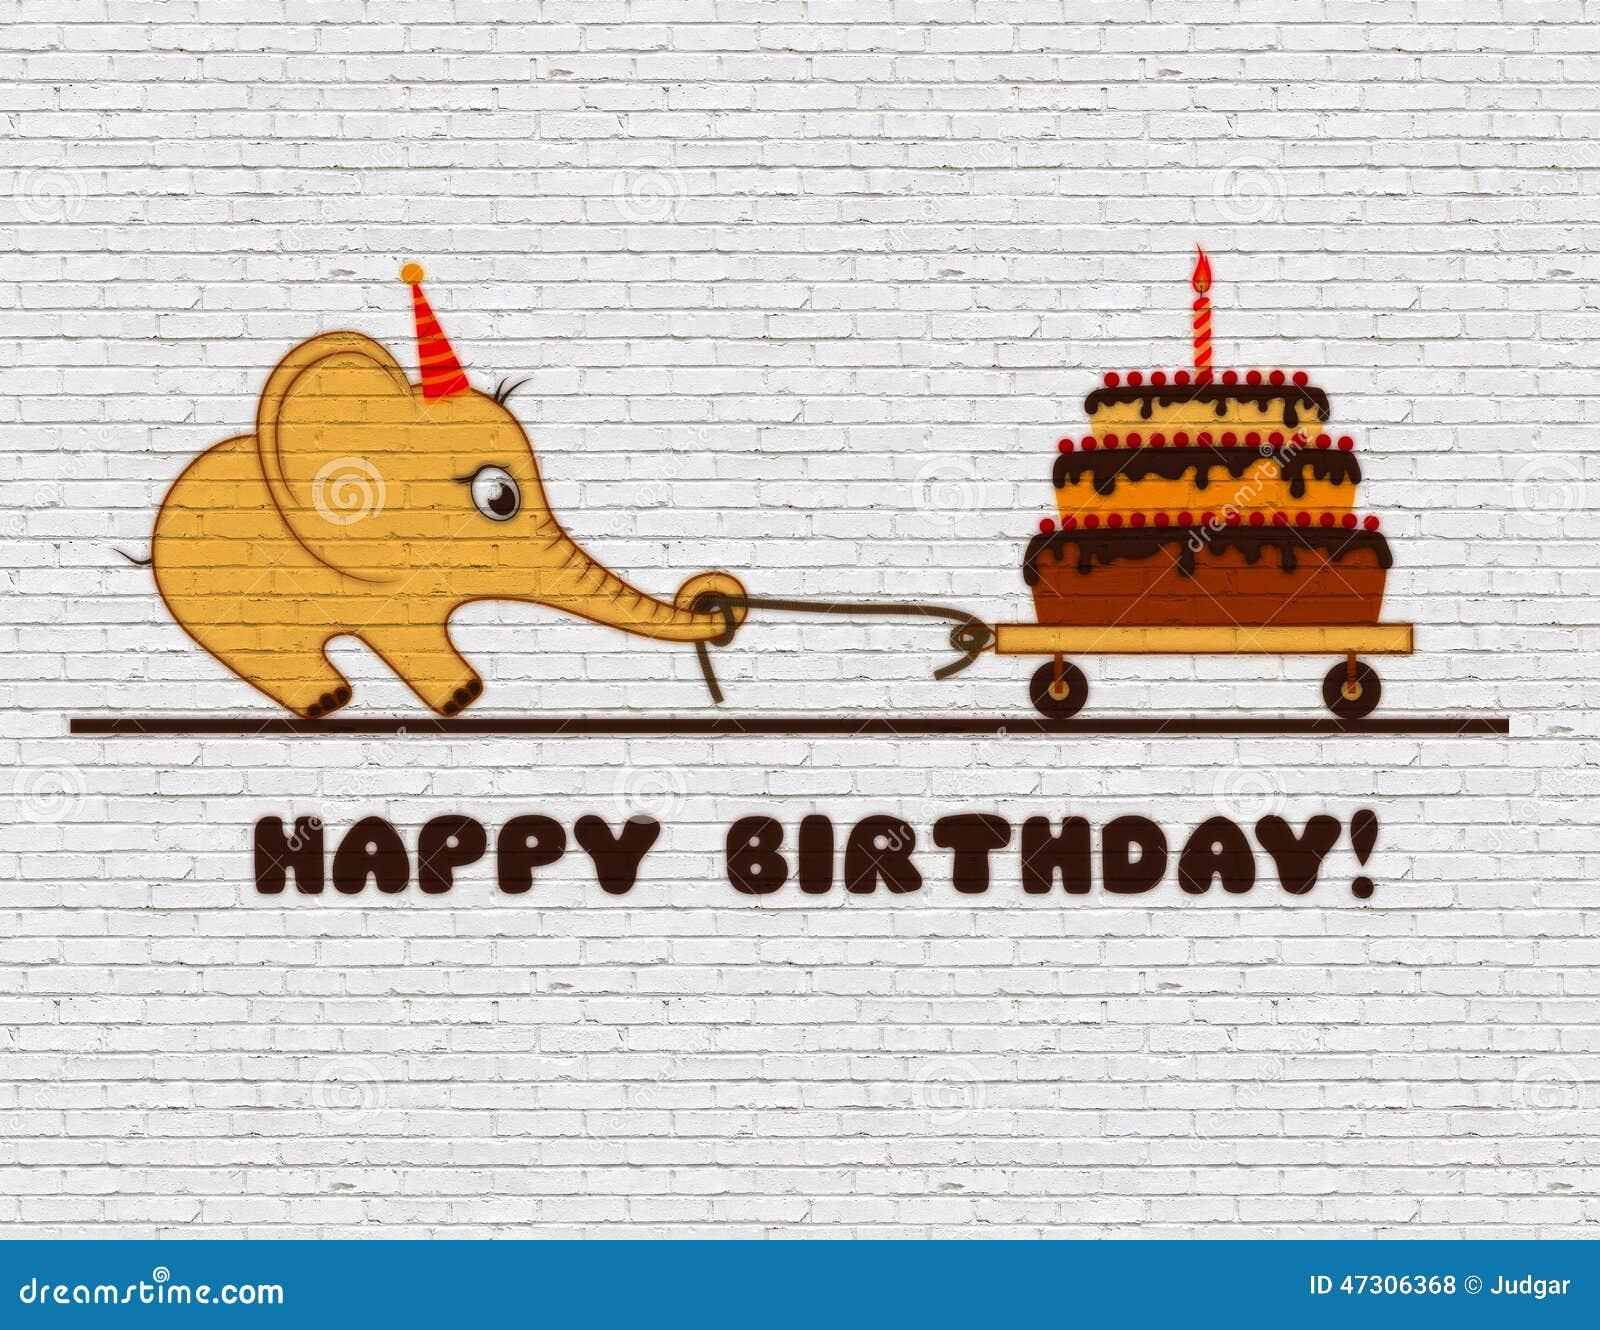 Berühmt Glückwünsche Zu Alles Gute Zum Geburtstag Für Ein Kind Graffiti &XW_89